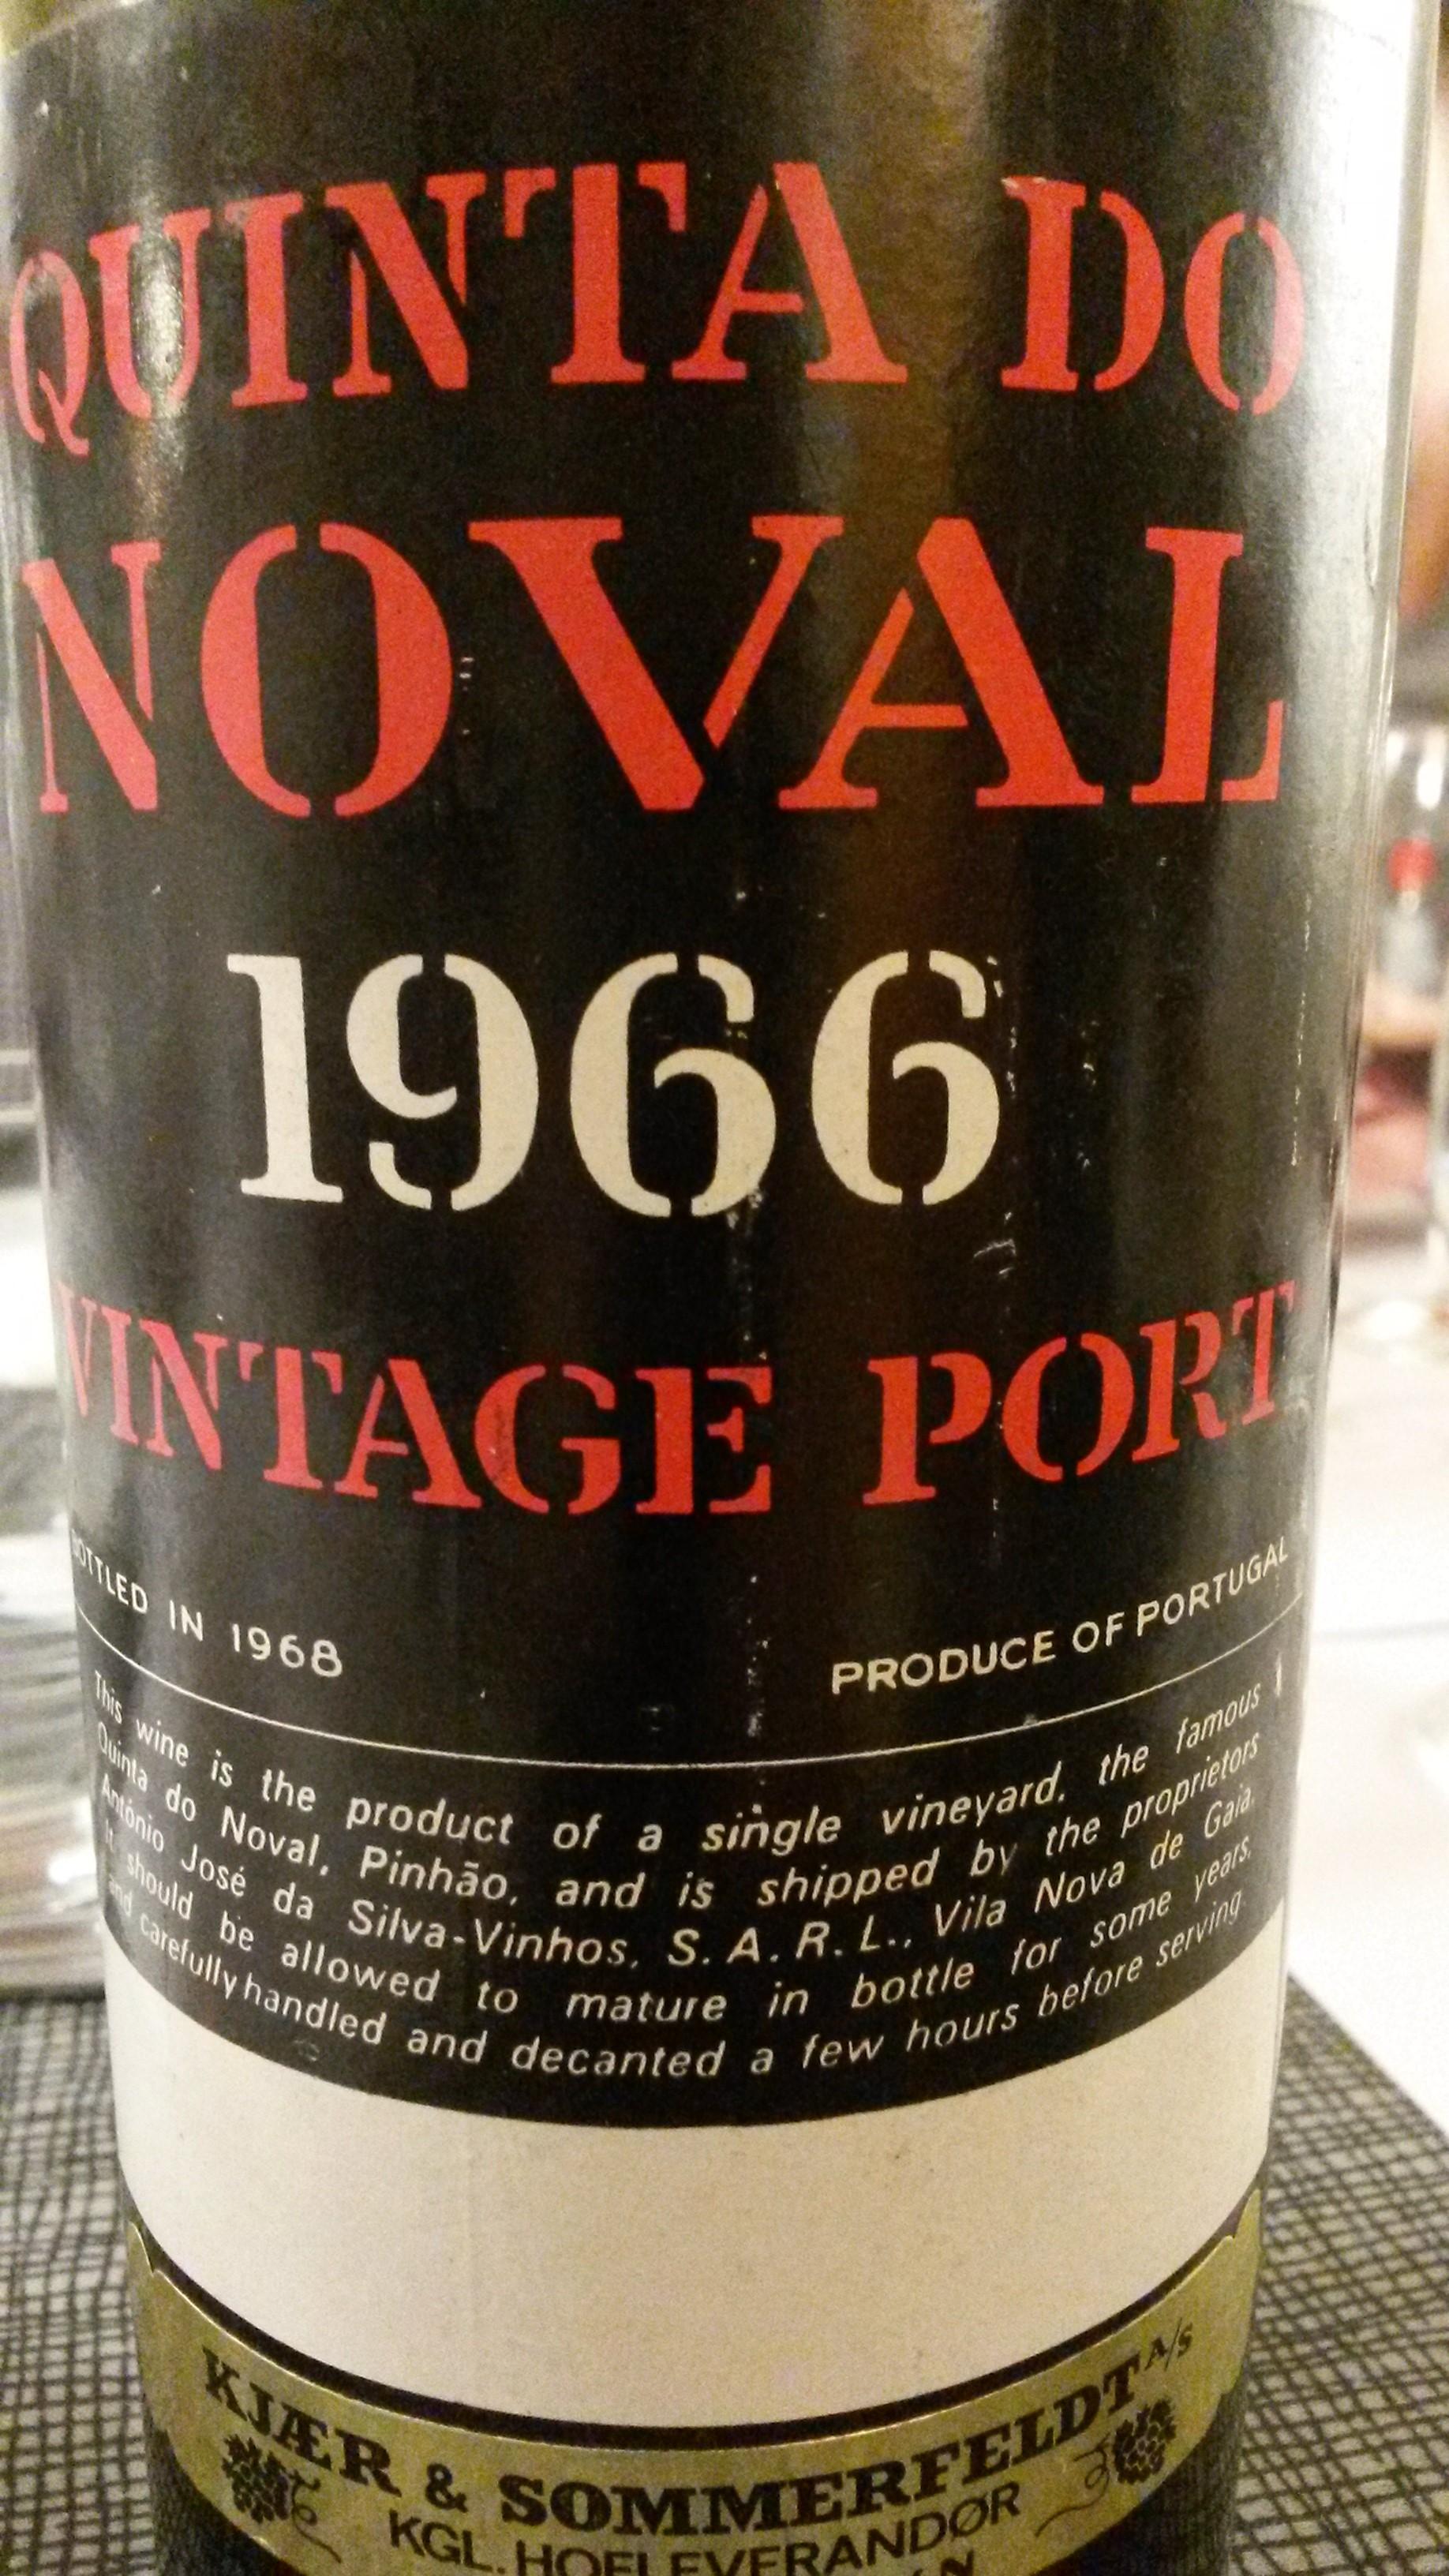 Noval vintage 1966